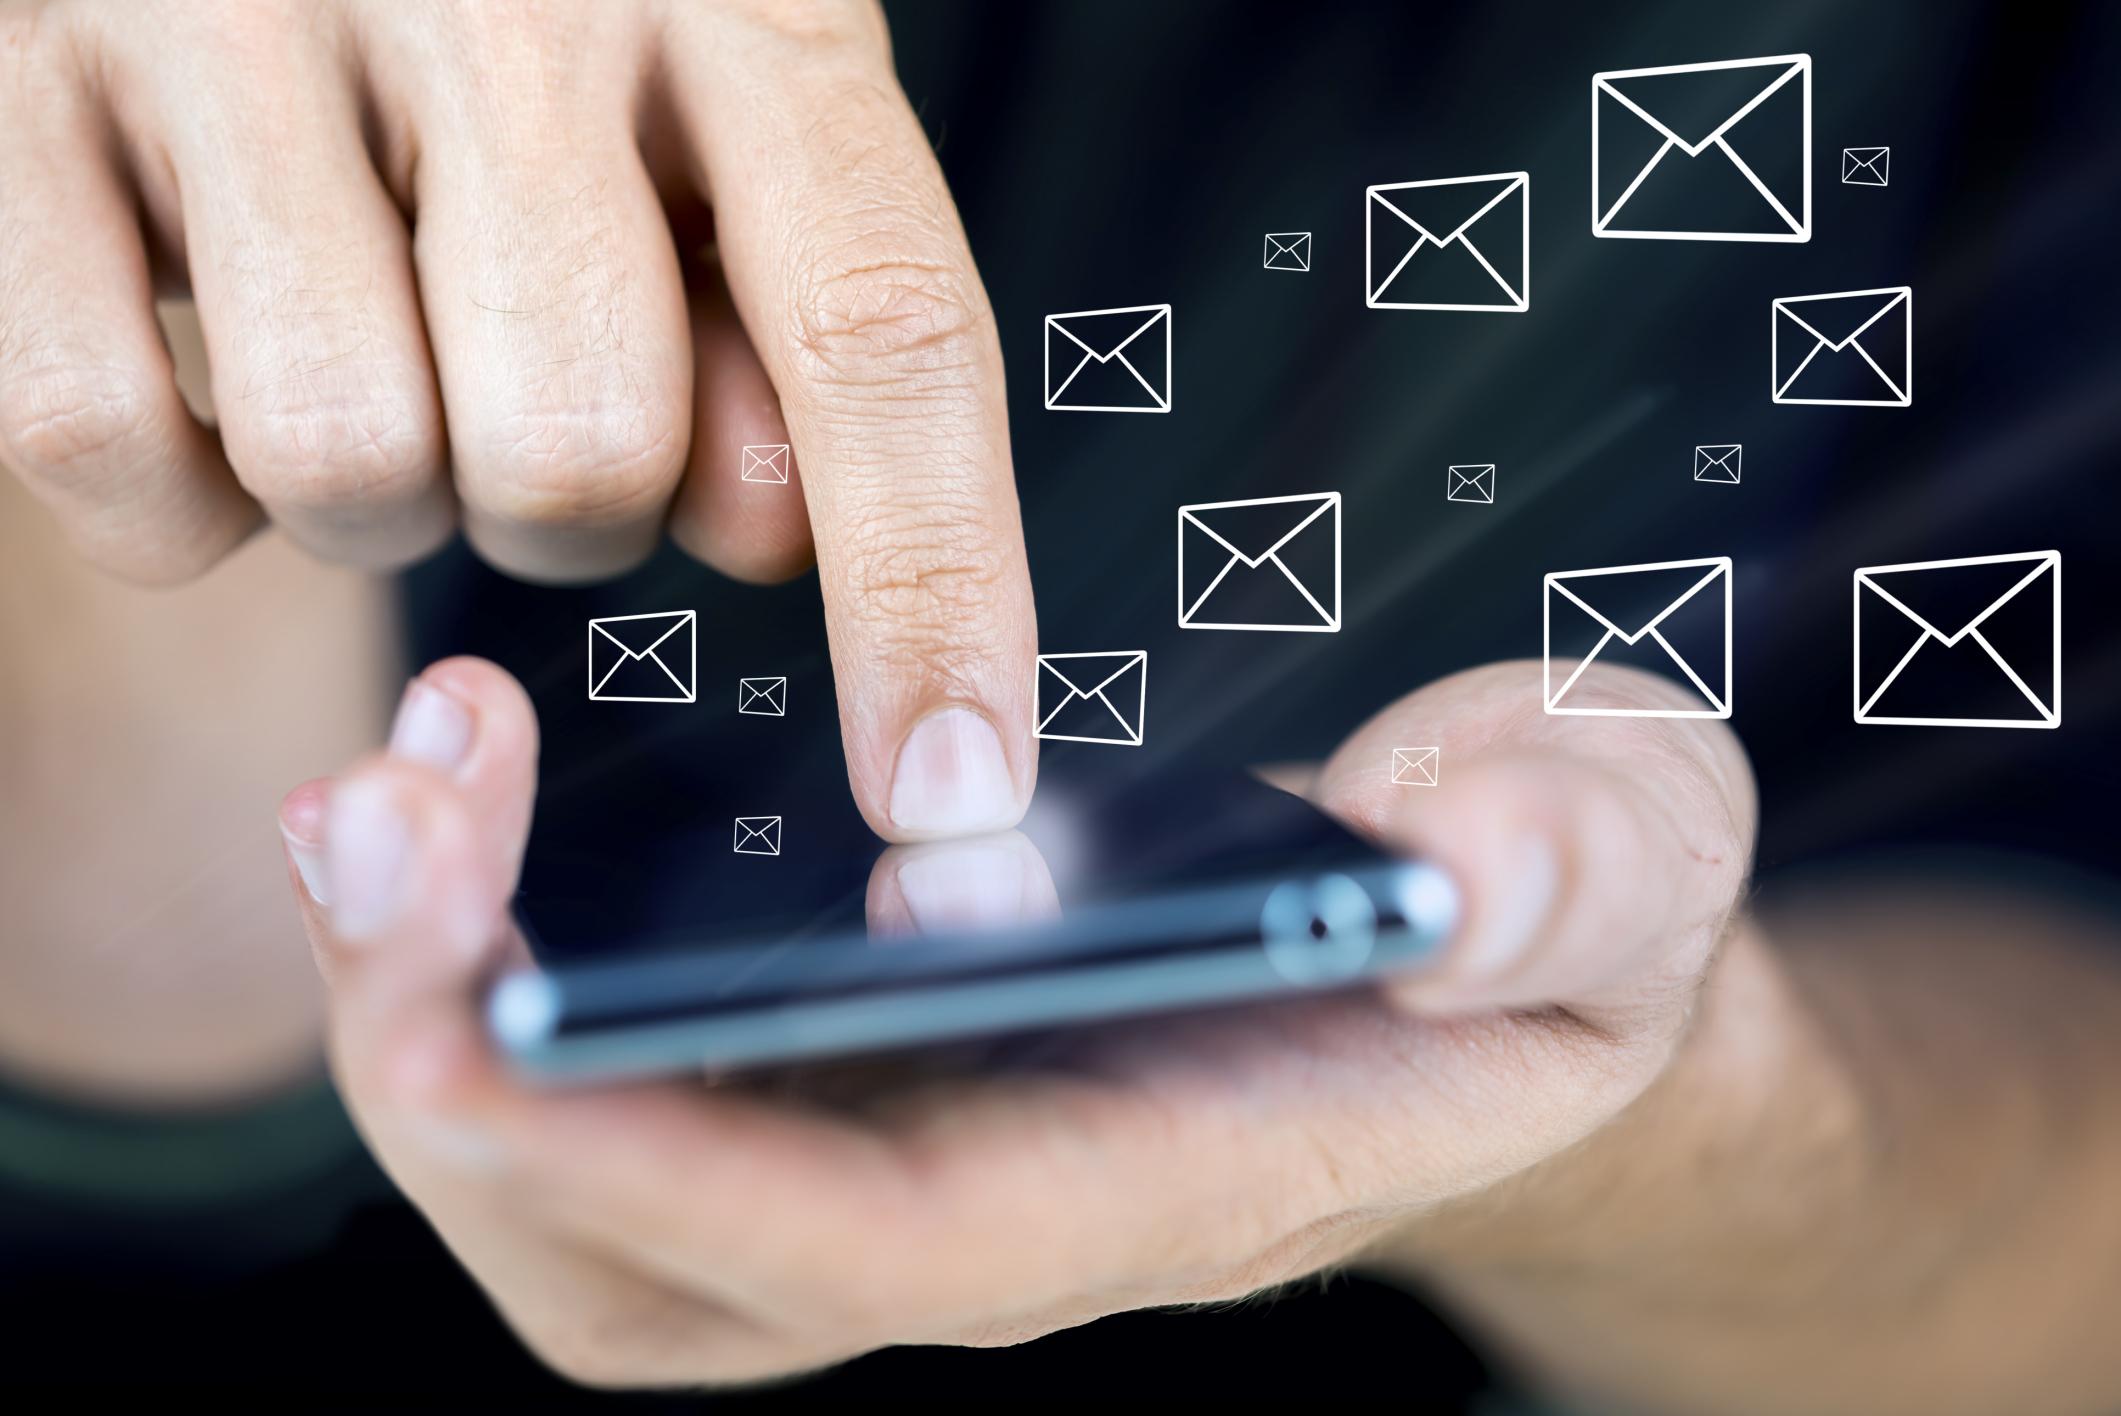 短信营销平台可以作为营销渠道的原因